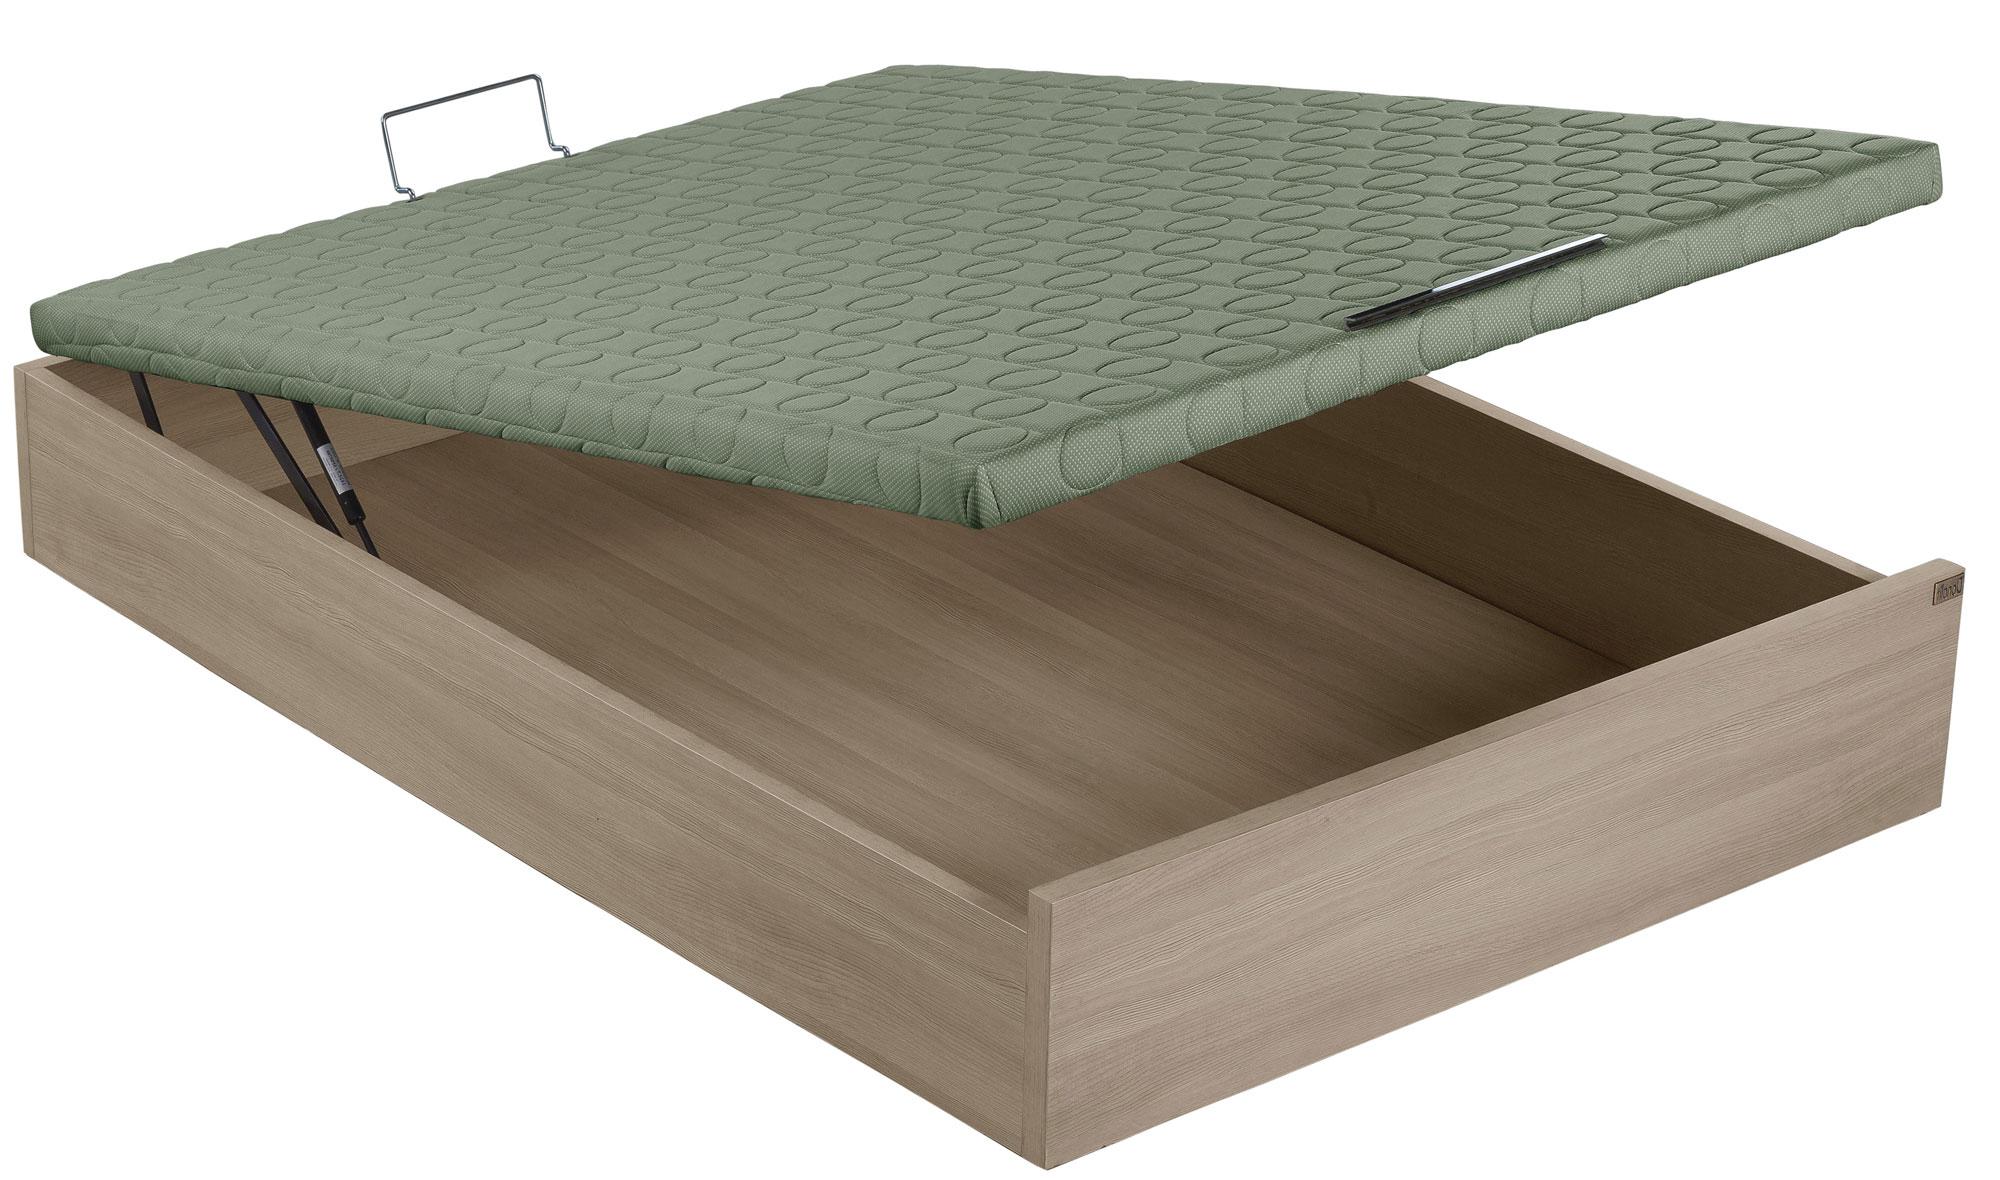 Canap abatible madera tapa verde no disponible en - Muebles tapa tapa ...